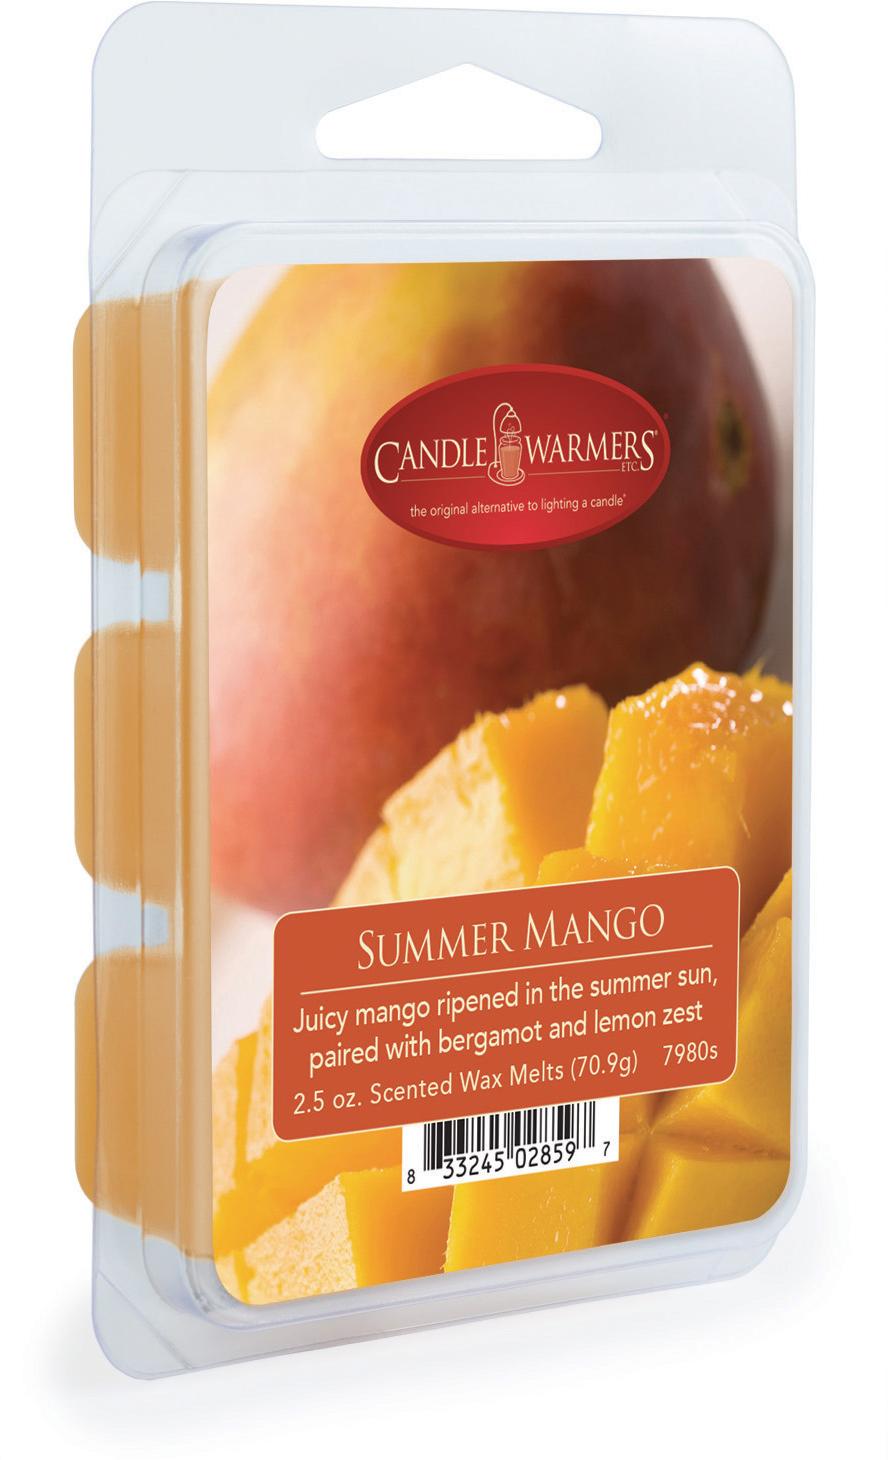 Воск ароматический Candle Warmers Летний манго / Summer Mango, цвет: бежевый, 75 г7980sВоск Candle Warmers.Мы черпаем вдохновение из нашей любви к дому, разнообразию, красоте и простоте.Откройте контейнер отломите кубик воска и положите его в емкость для нагрева.Для интенсивности аромата регулируйте количество кубиков.Сочное манго созревает на летнем солнце в сочетании с бергамотом и цедрой лимона.Время горения 30 часов.